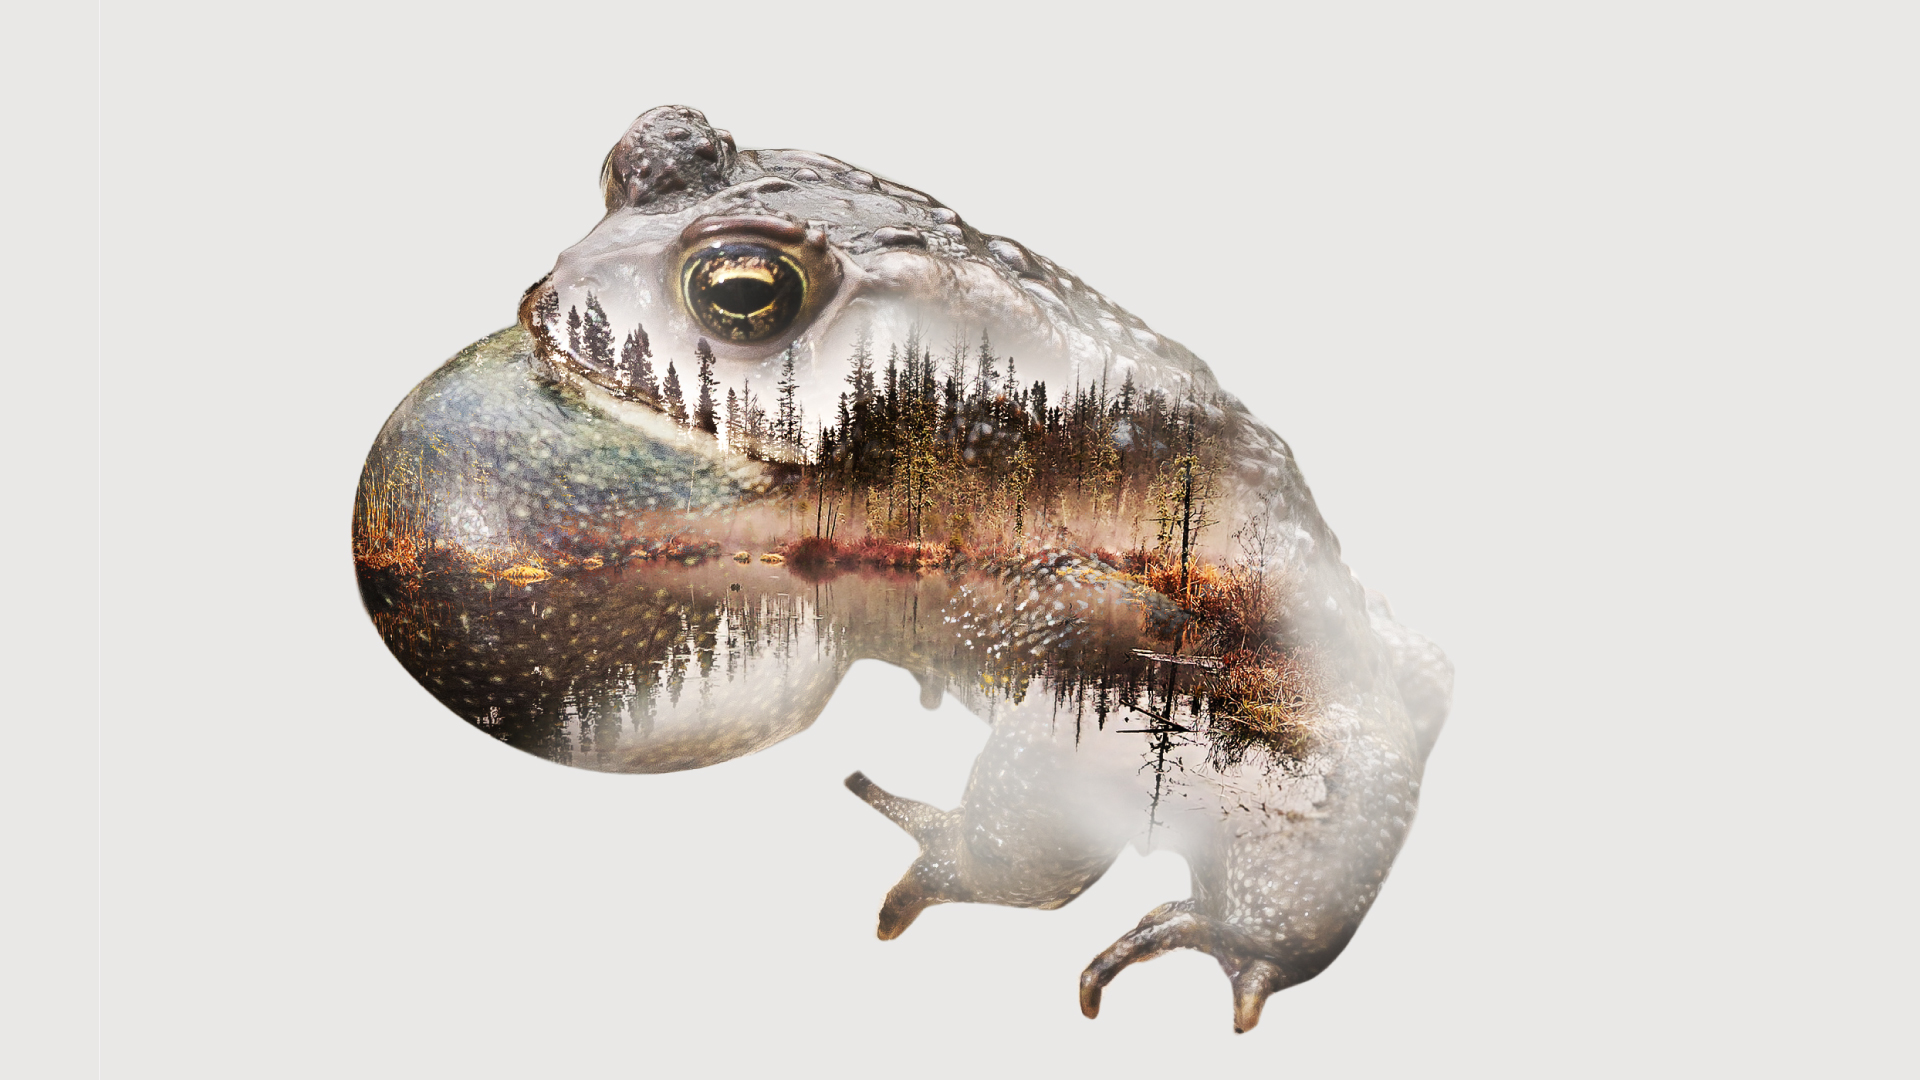 Exposition Les reptiles et les amphibiens du Québec. Biodôme de Montréal